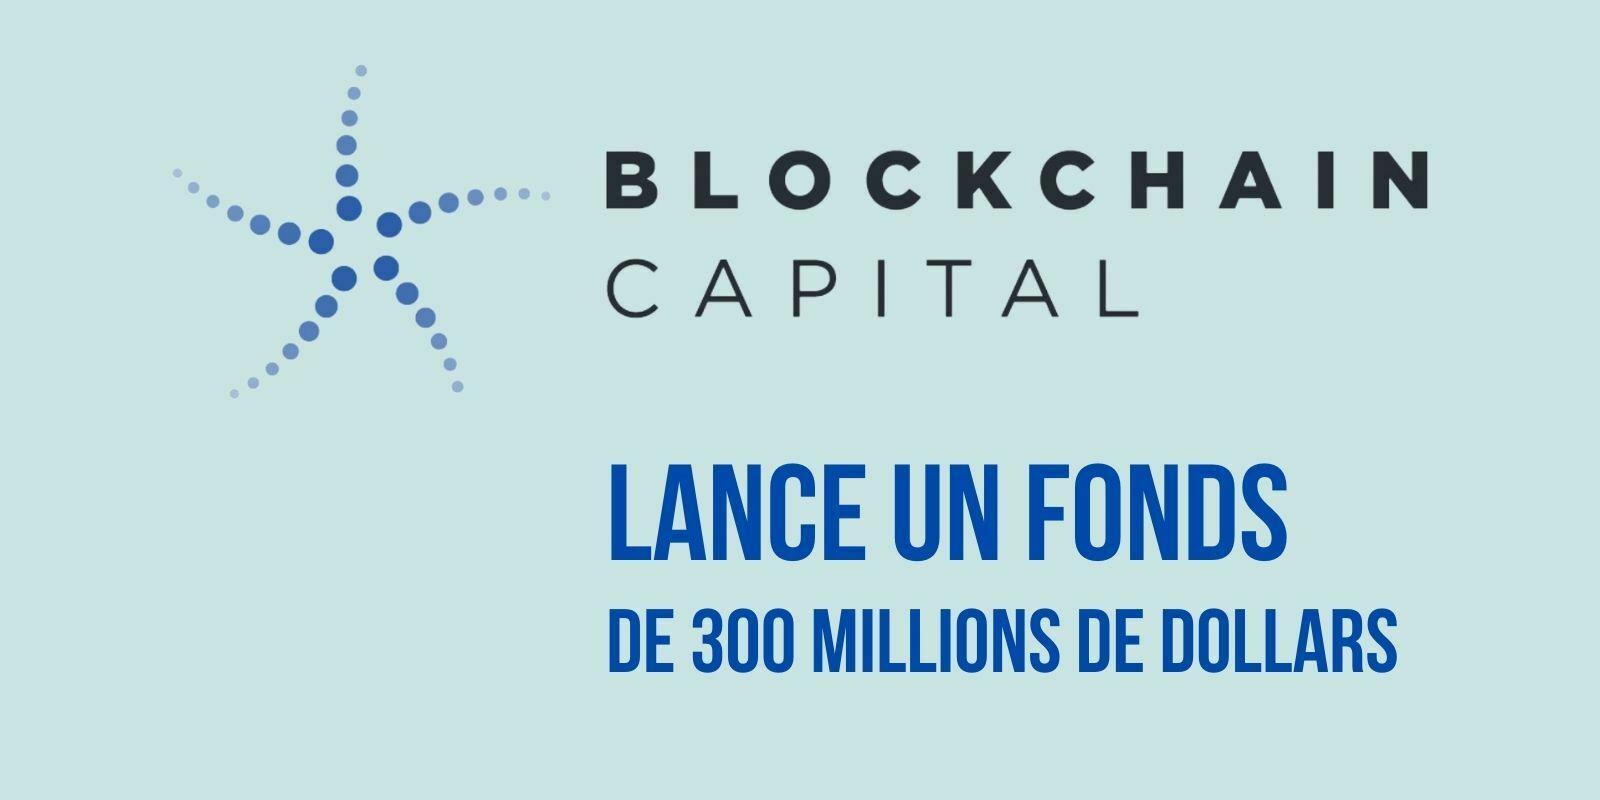 Blockchain Capital lance un fonds de 300 millions de dollars avec la participation de PayPal et Visa